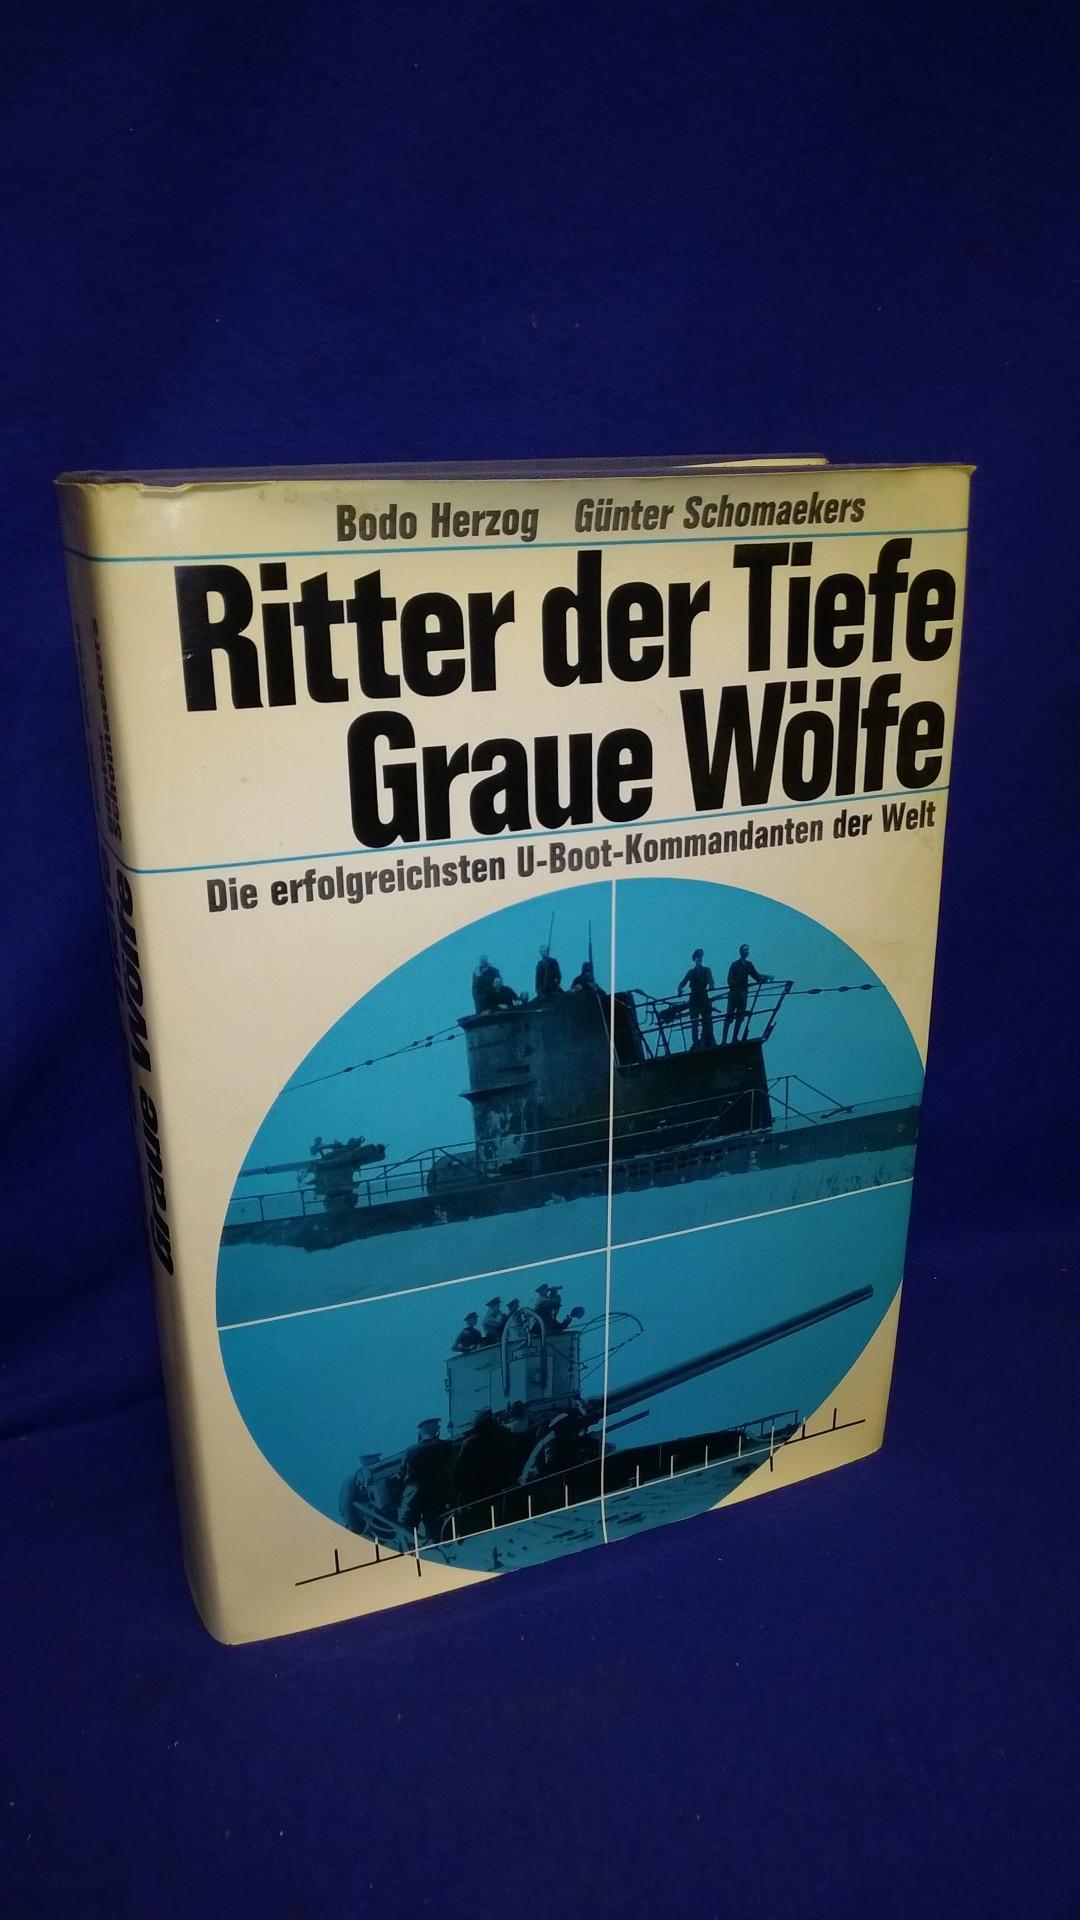 Ritter der Tiefe, graue Wölfe - Die erfolgreichsten U-Boot-Kommandanten der Welt.